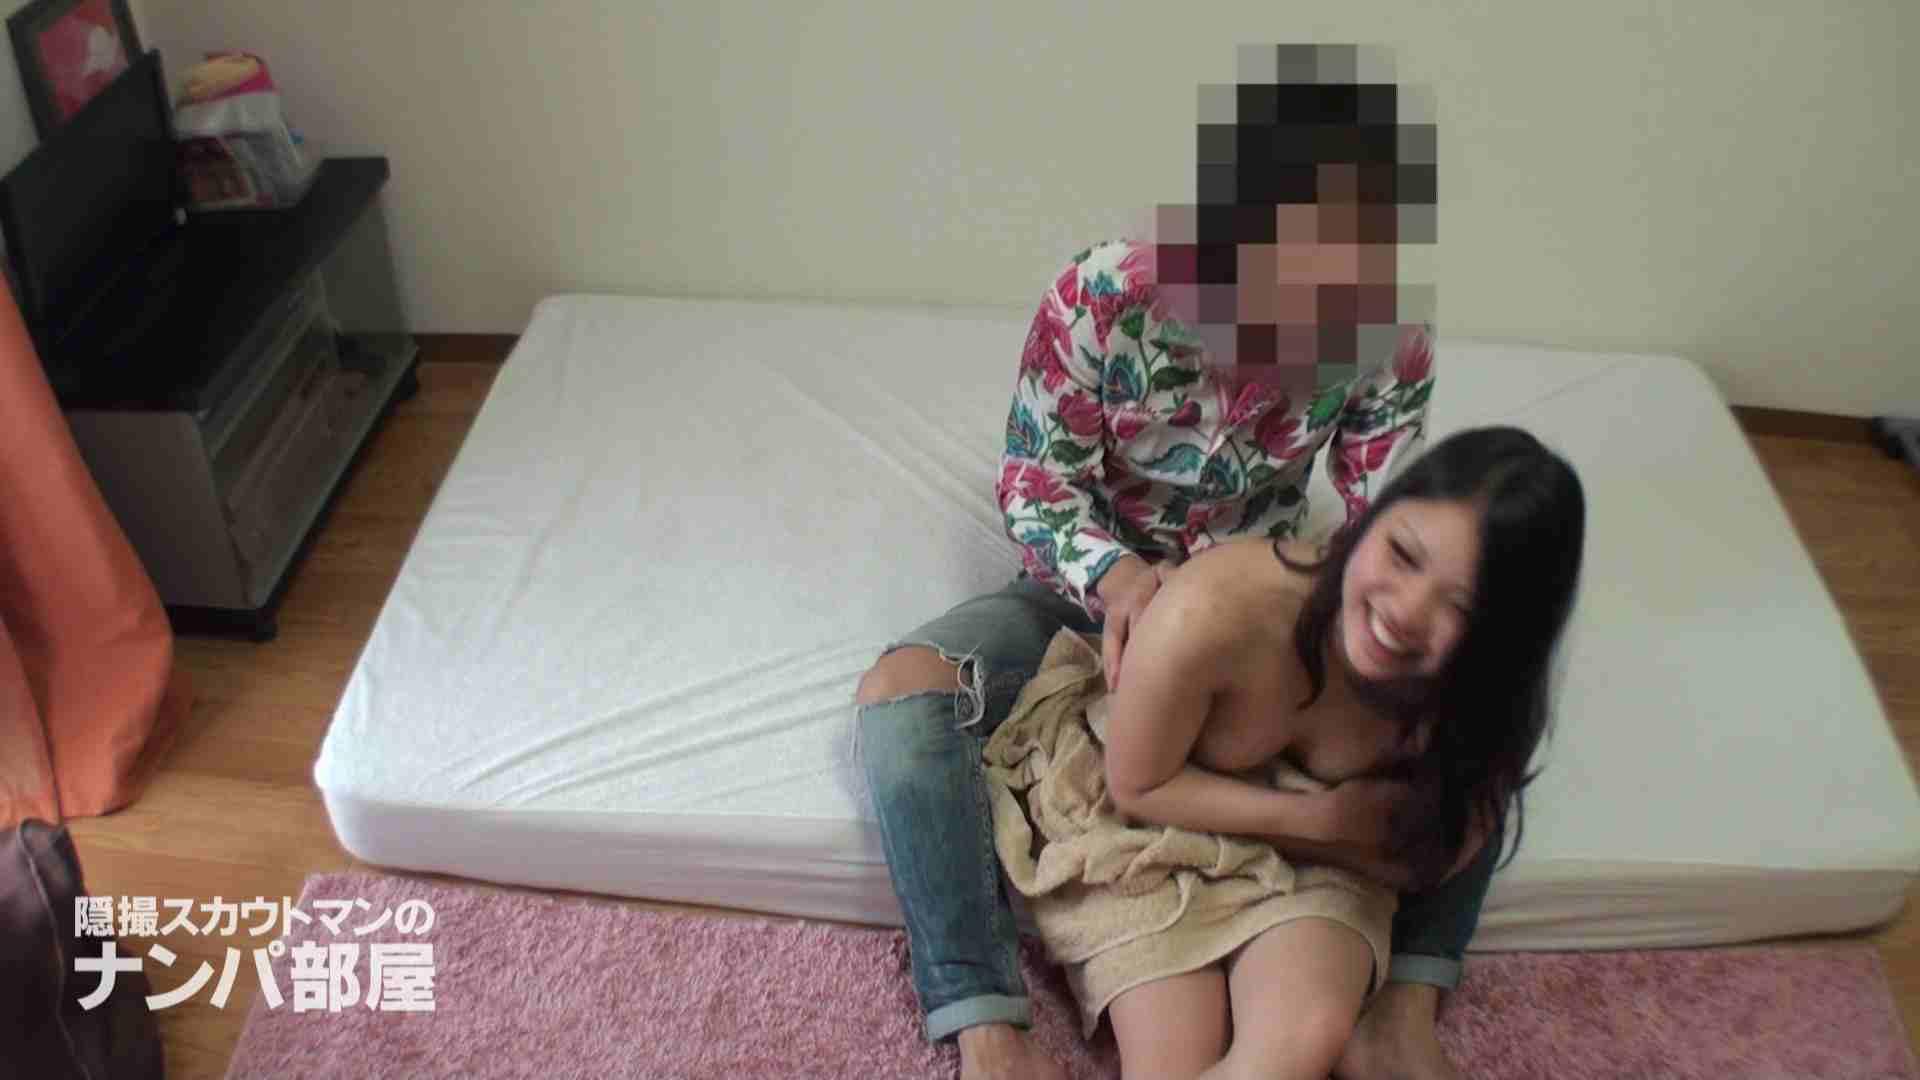 隠撮スカウトマンのナンパ部屋~風俗デビュー前のつまみ食い~hanavol.2 中出し ぱこり動画紹介 40連発 33